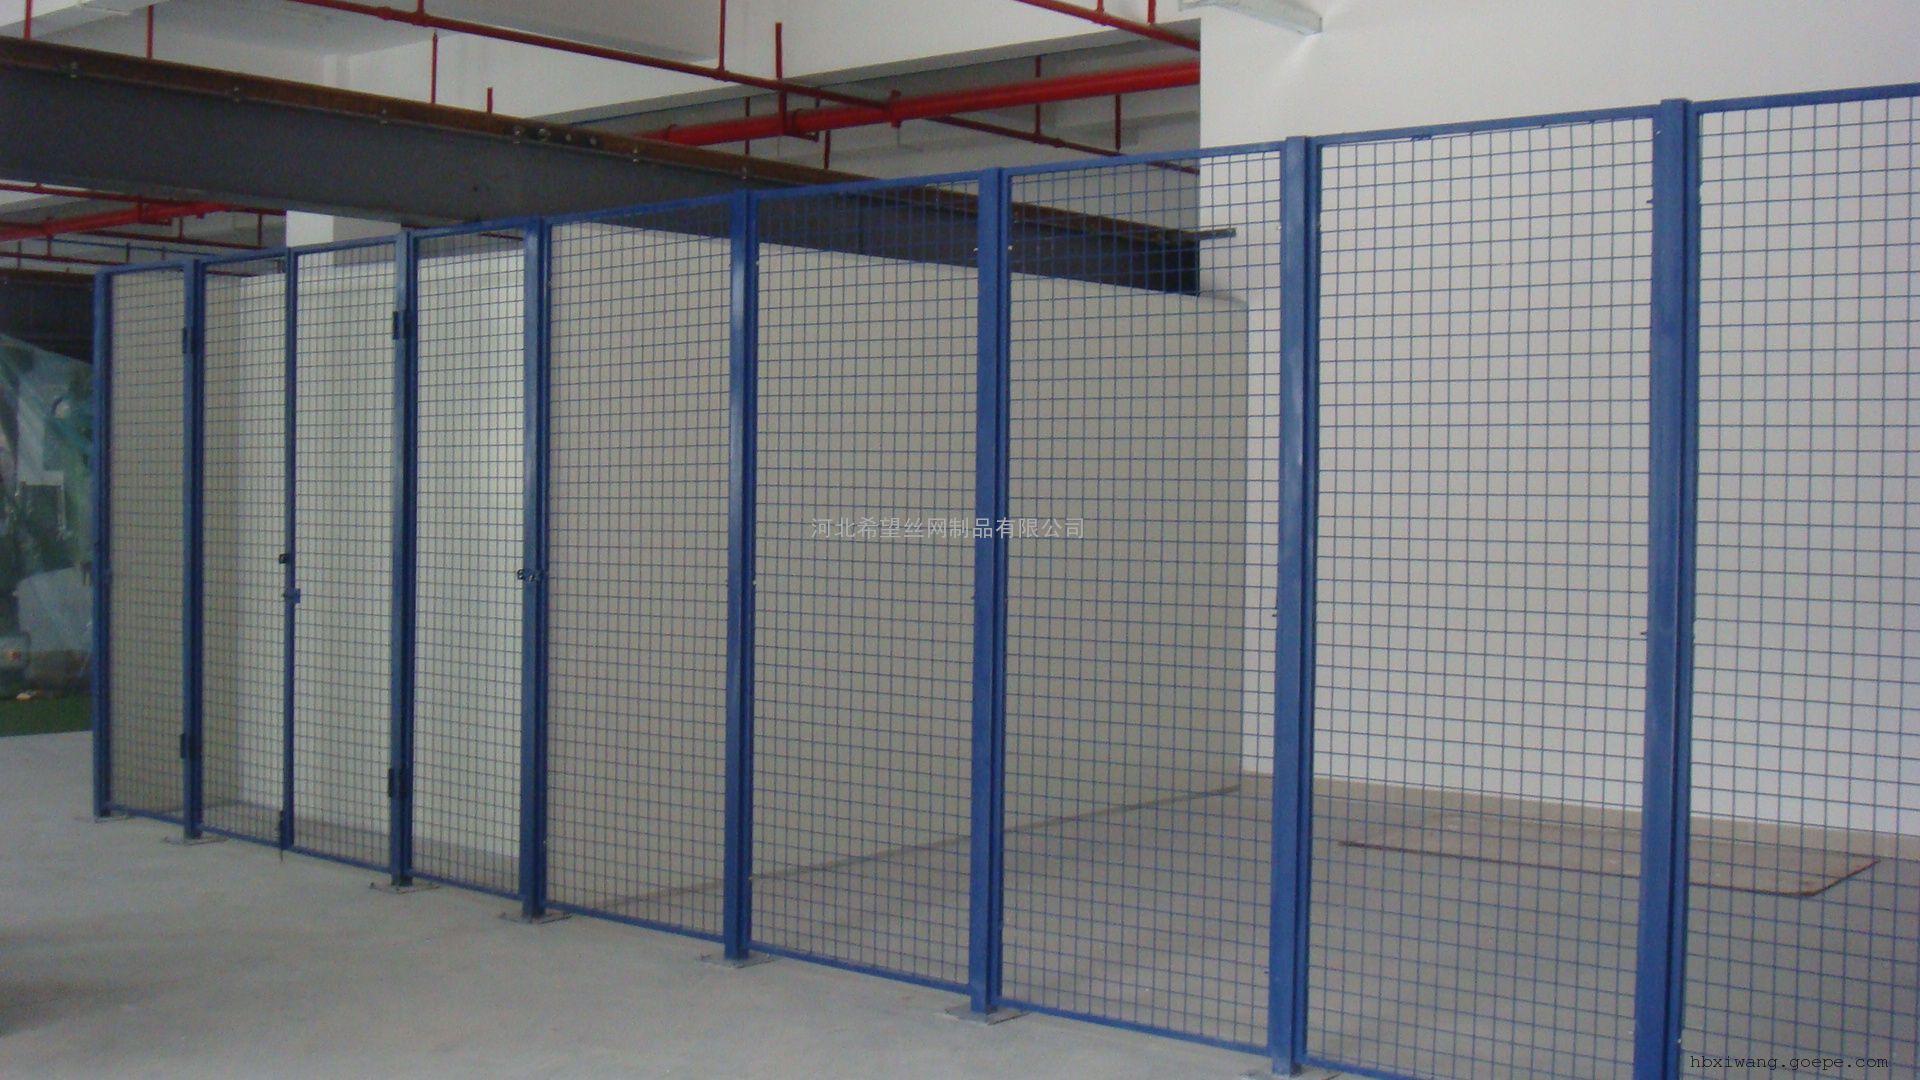 隔离网防护网_车间隔离护栏网|车间隔离隔断网|报价|厂家